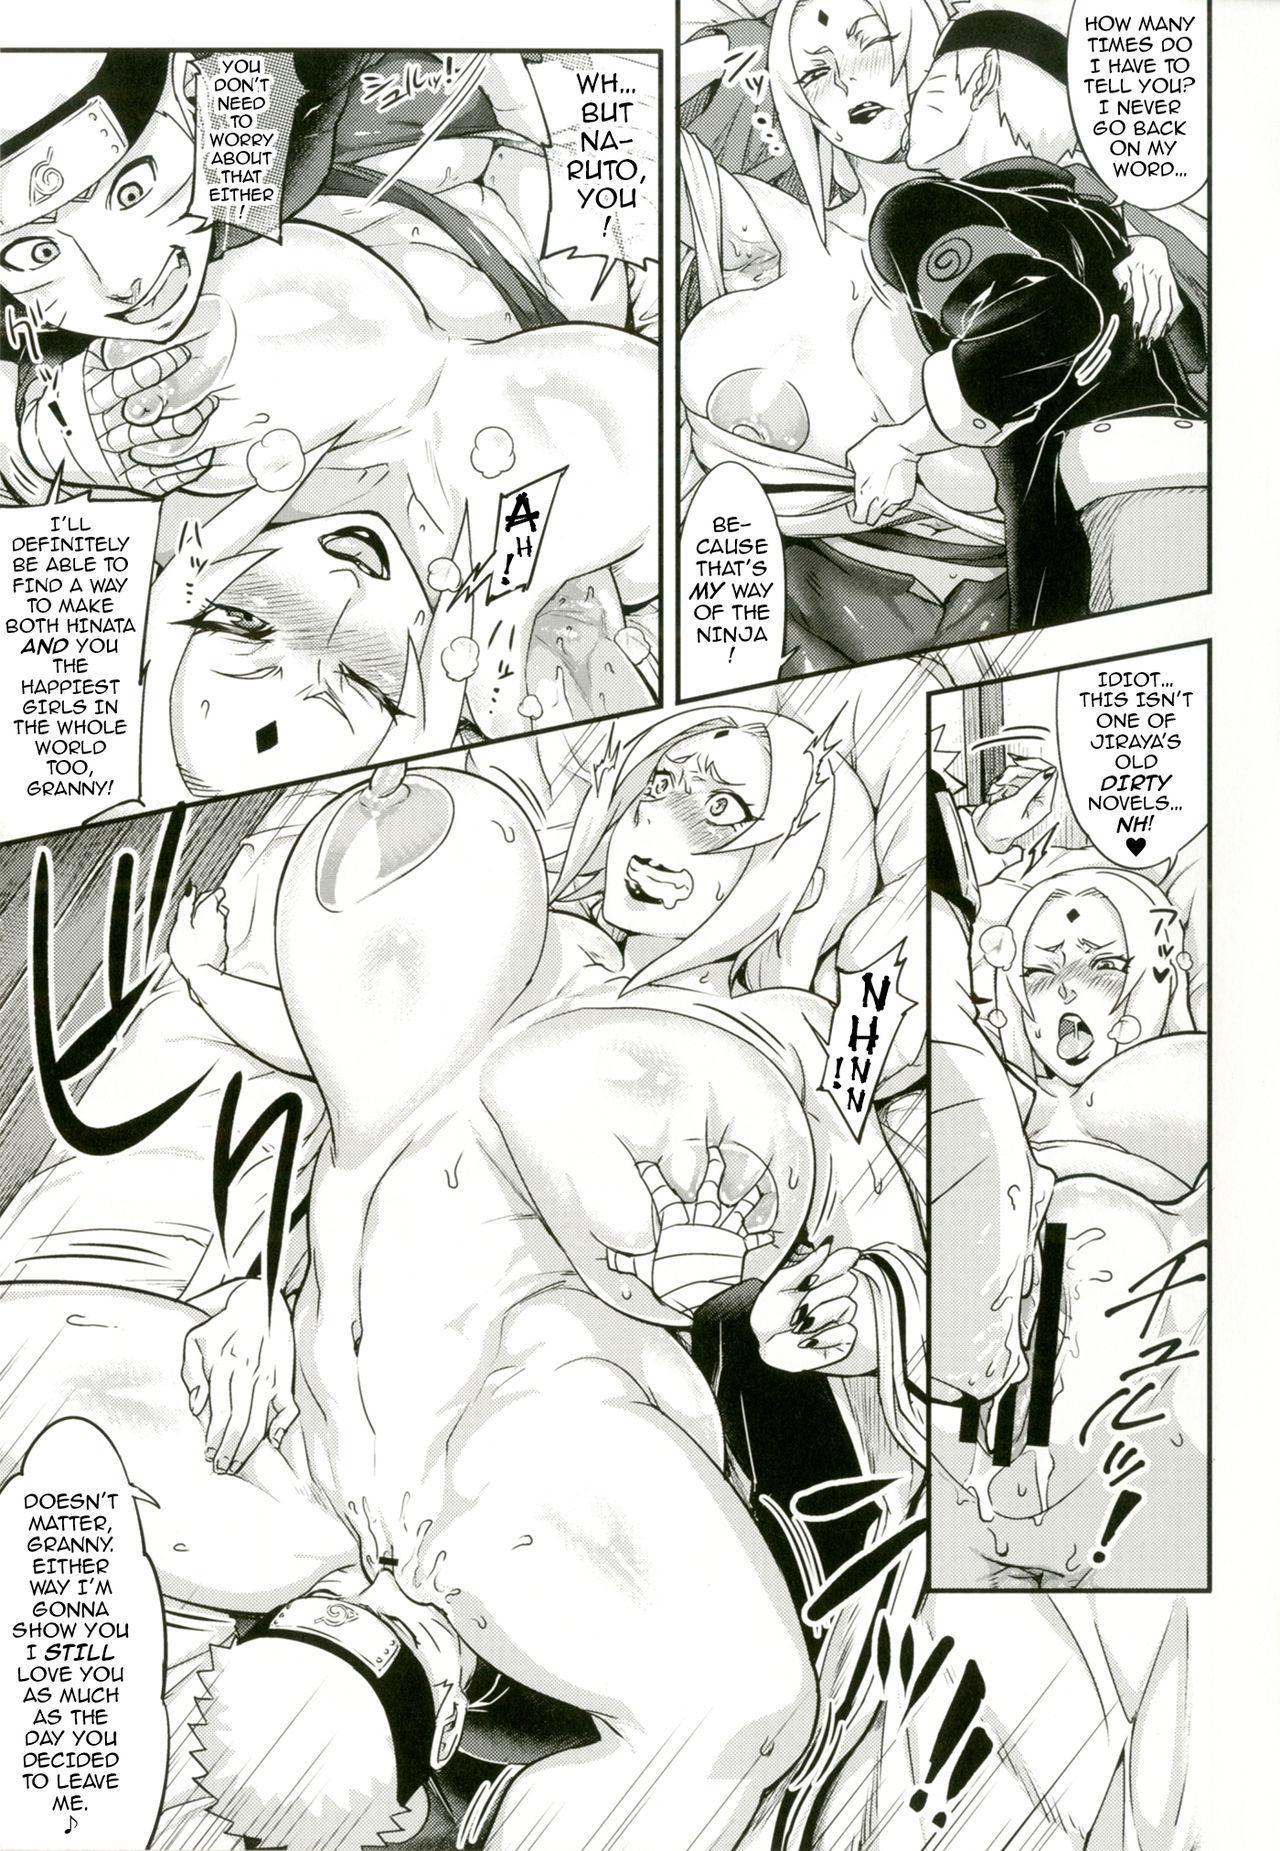 Jukumitsuki Intouden 2 | Debauchery of a Mature Honeypot Princess Ch 2 5